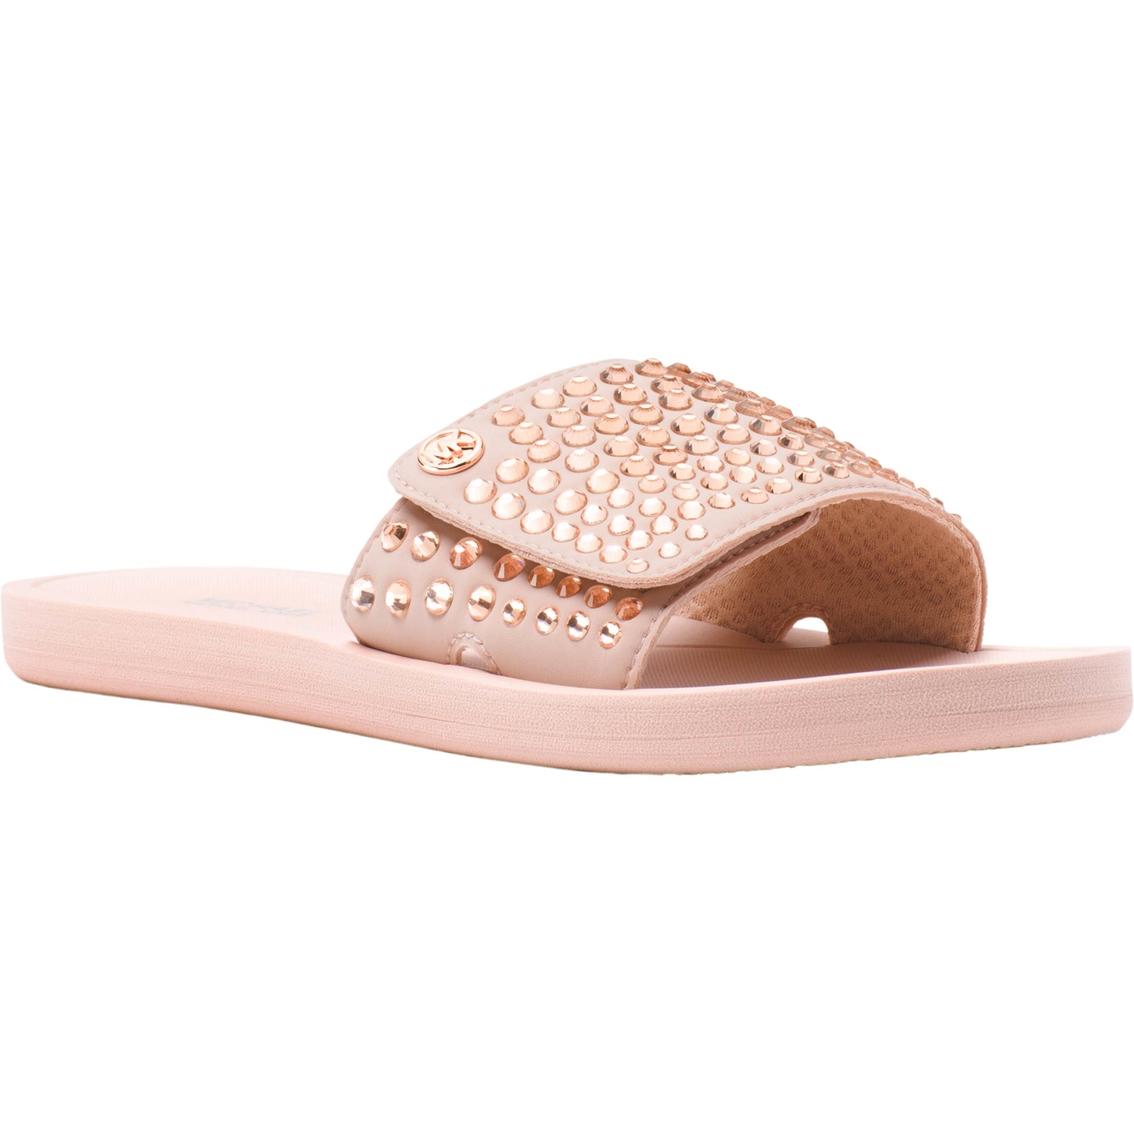 f729217b2950 Michael Kors Women s Slide Fix Stone Upper Slip On Sandals